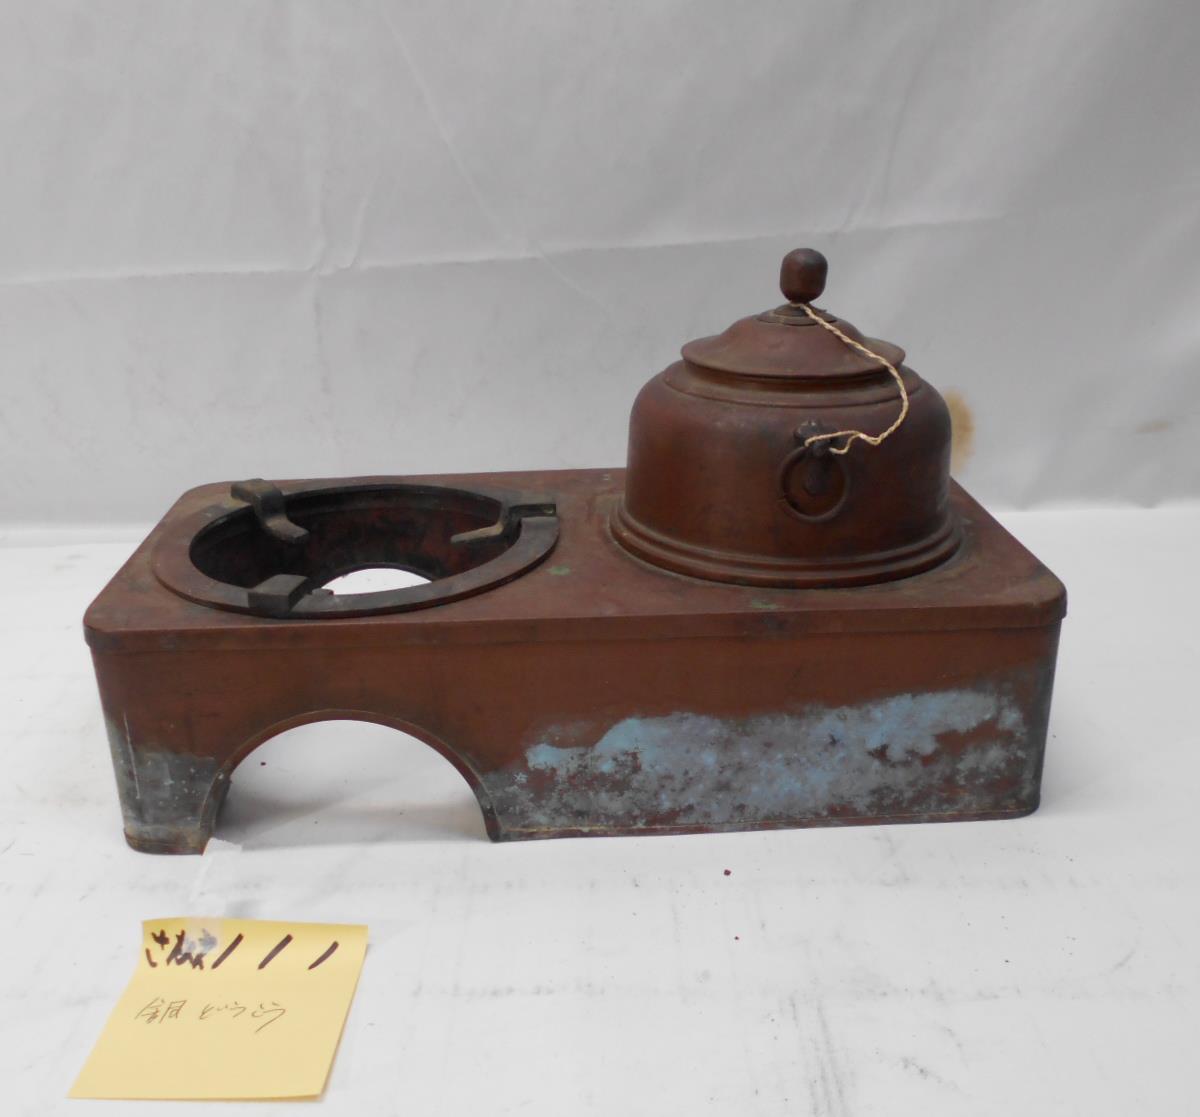 さなえ111 時代 銅製 どうこう 鉄瓶かけ 酒燗入れ 箱火鉢用 古道具 越前蔵うぶ出し _画像2